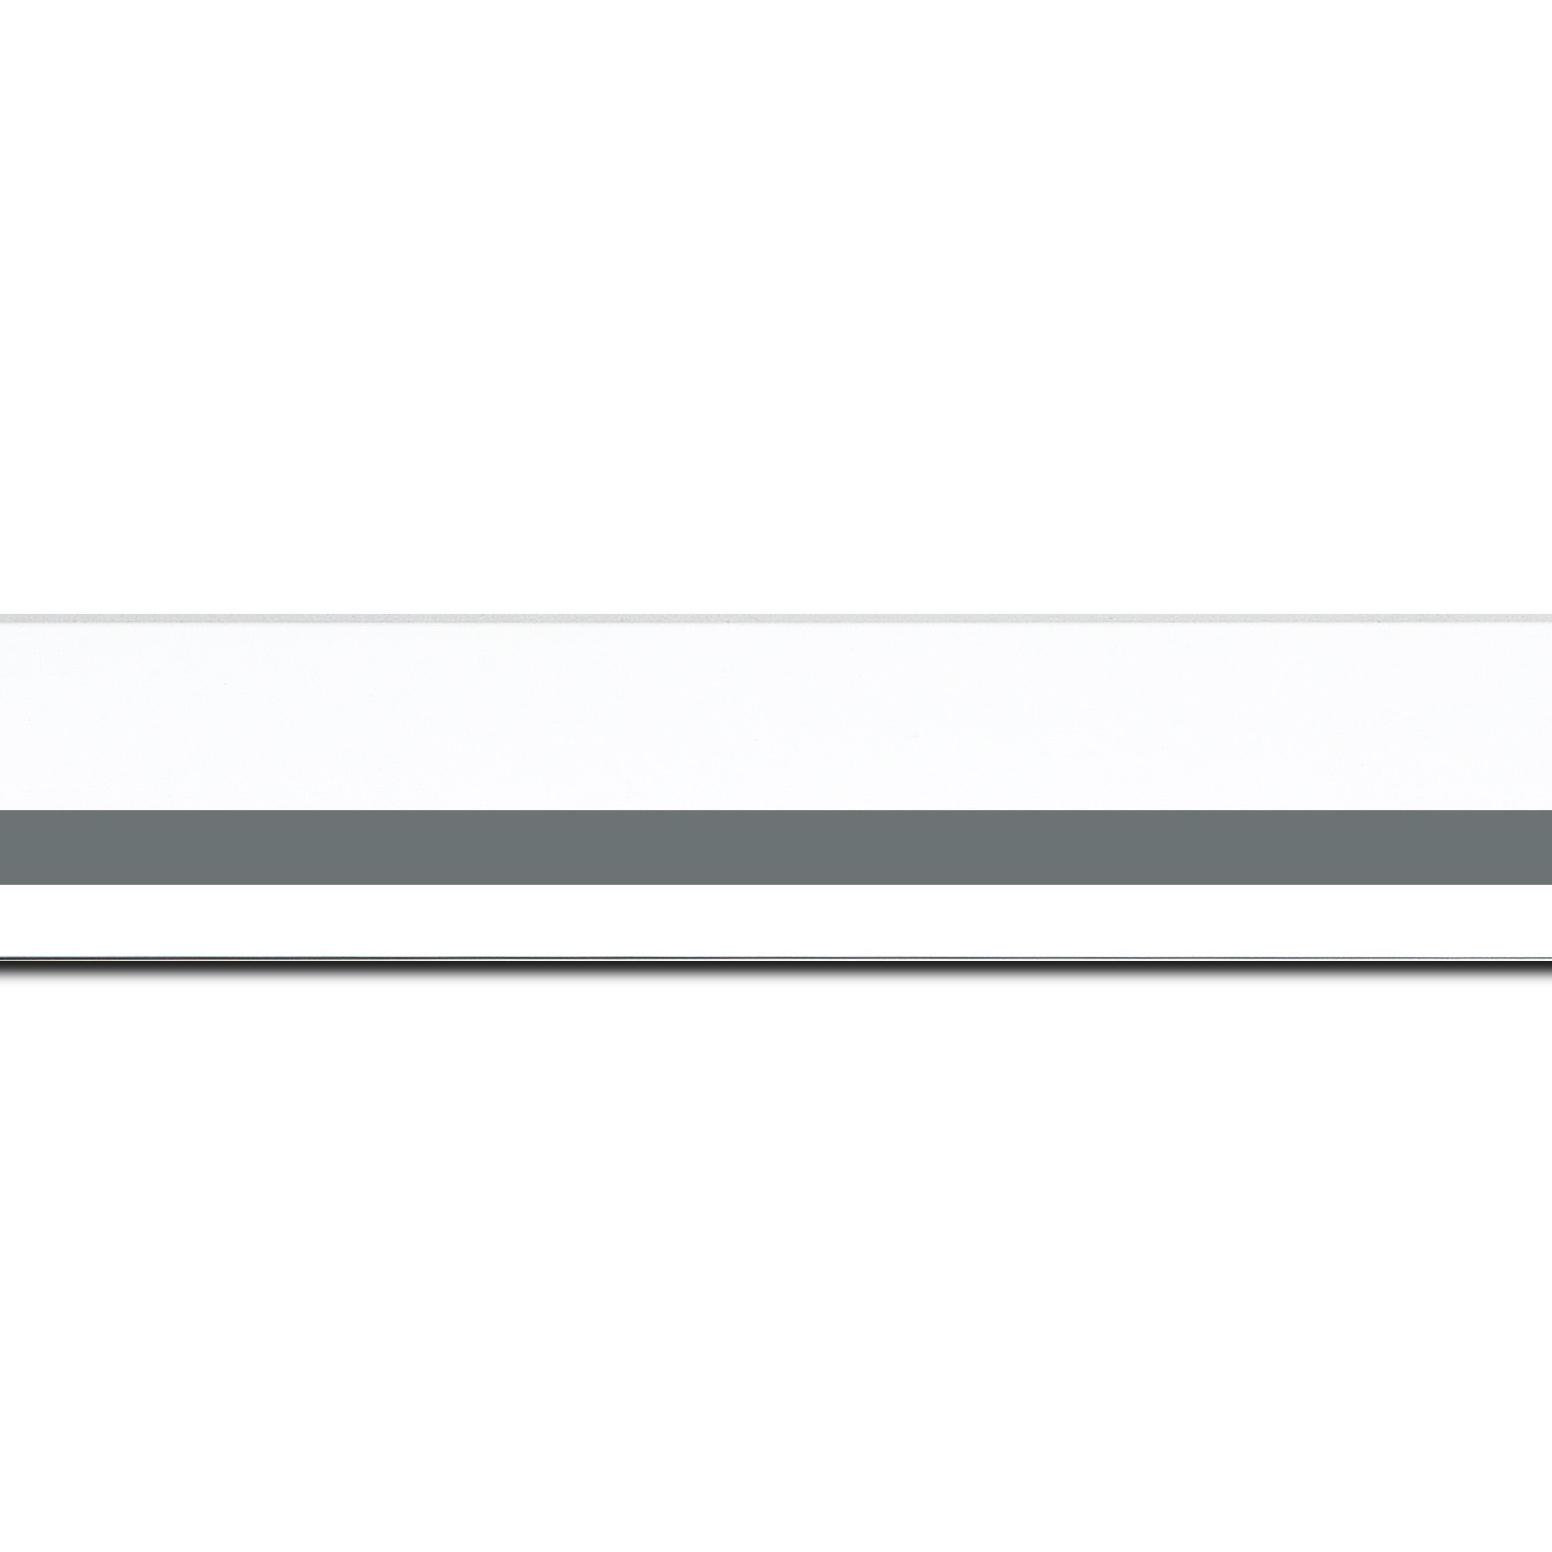 Baguette longueur 1.40m bois profil pente largeur 4.5cm de couleur blanc mat filet gris